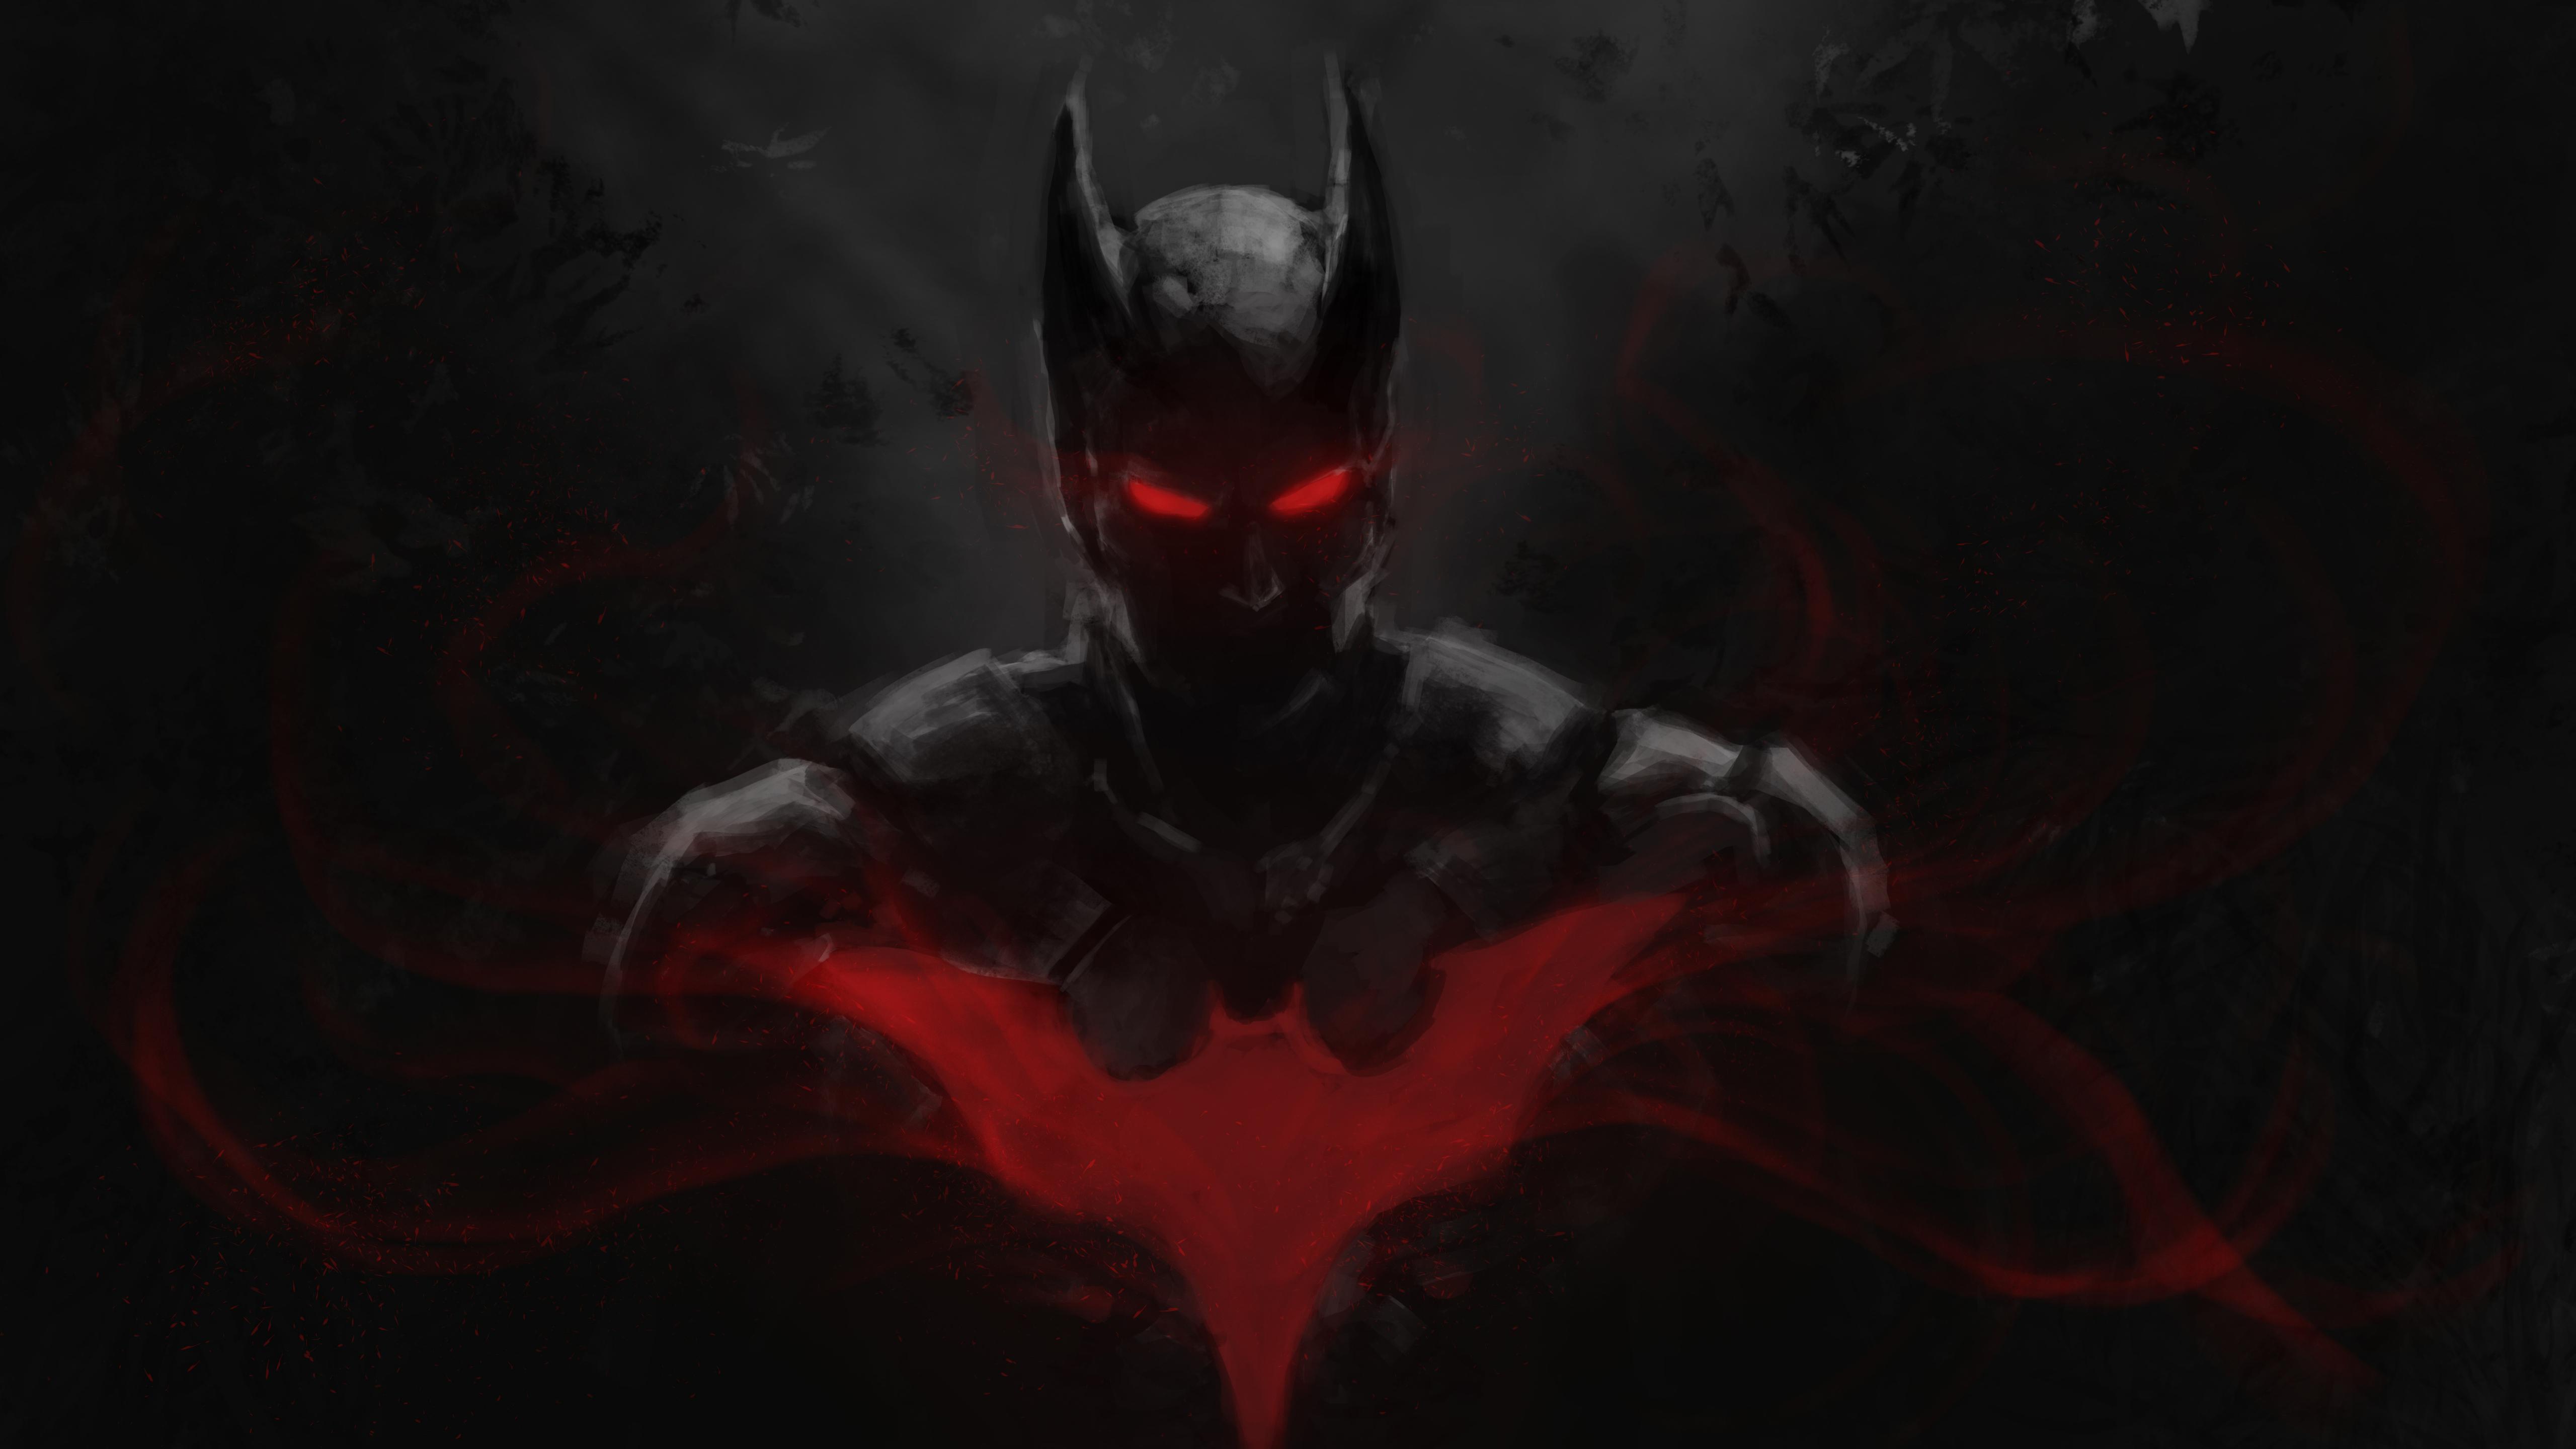 batman-beyond-5k-nr.jpg